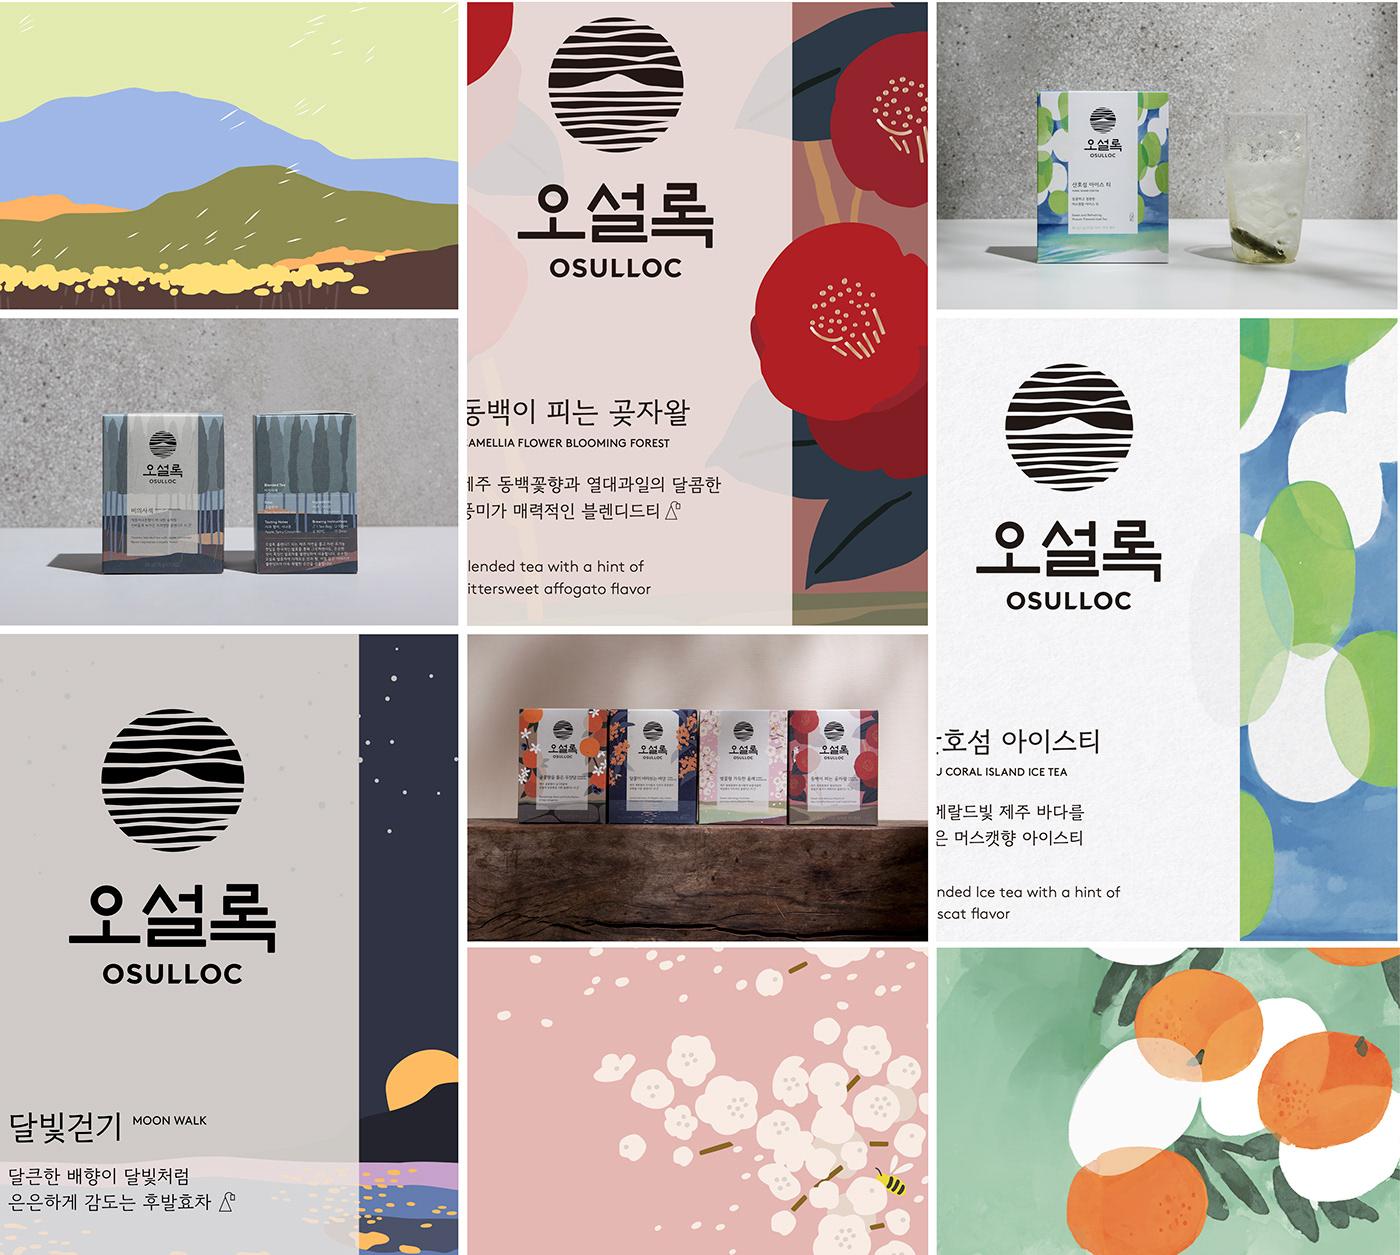 北京包装设计分享年轻人喜欢的茶包装设计